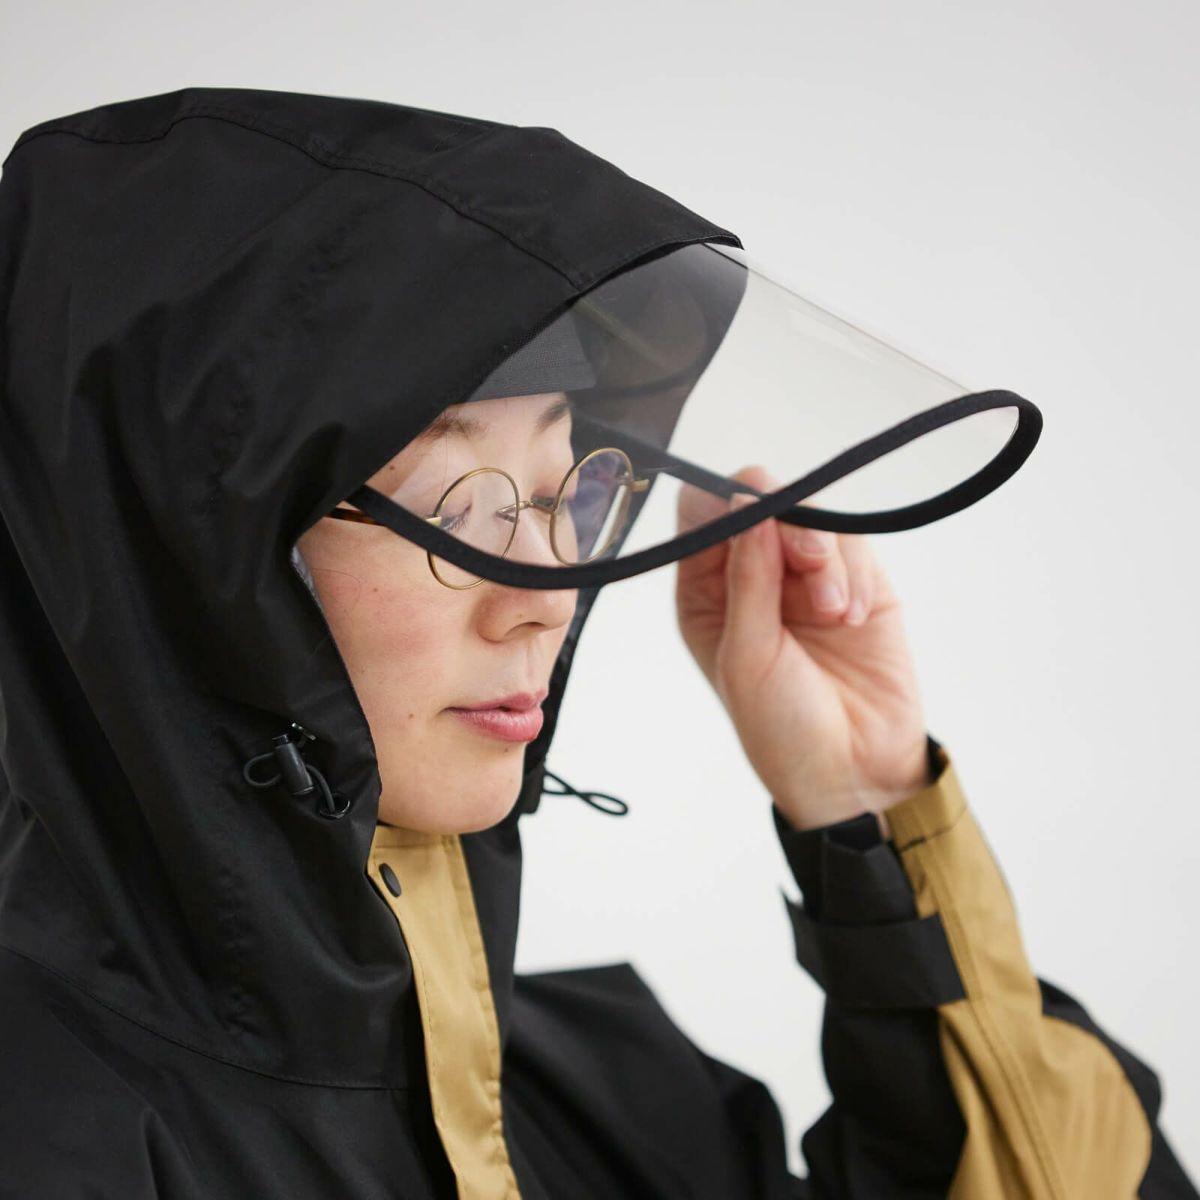 雨の自転車に最適。すっぽりカバー。